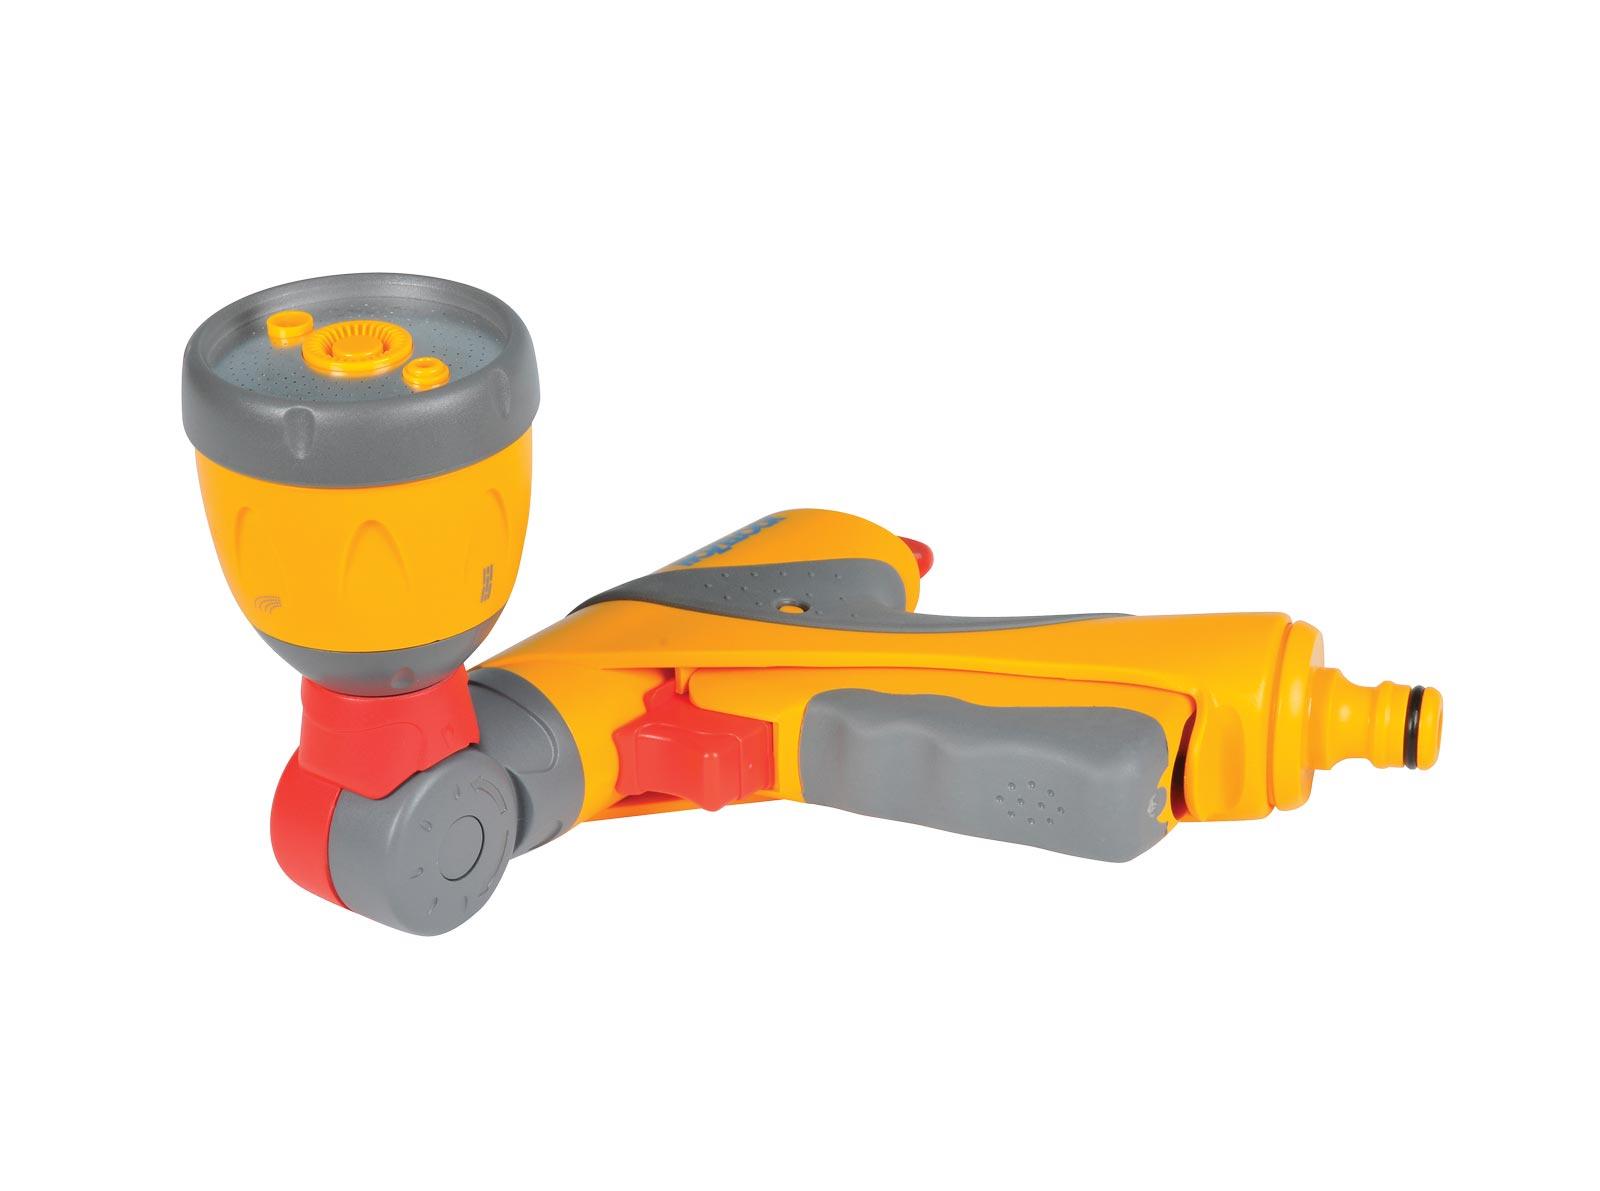 """Пистолет для полива Hozelock """"Ultra Twist"""" Plus 2695, 3 режима, желтый, серый, красный"""